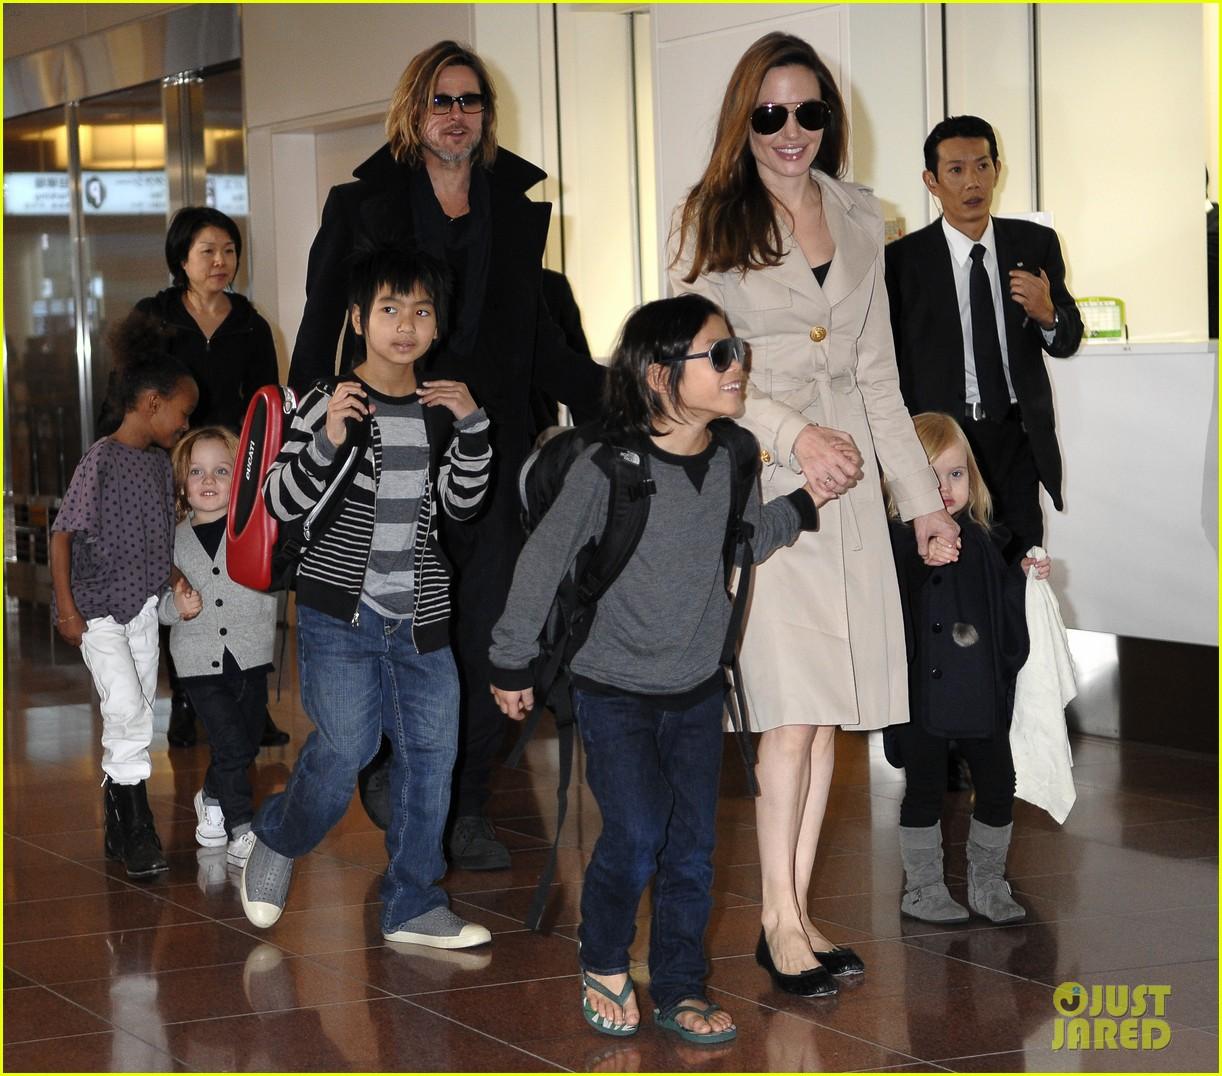 http://cdn04.cdn.justjared.com/wp-content/uploads/2011/11/pitt-tokyo/angelina-jolie-family-arrive-tokyo-01.jpg